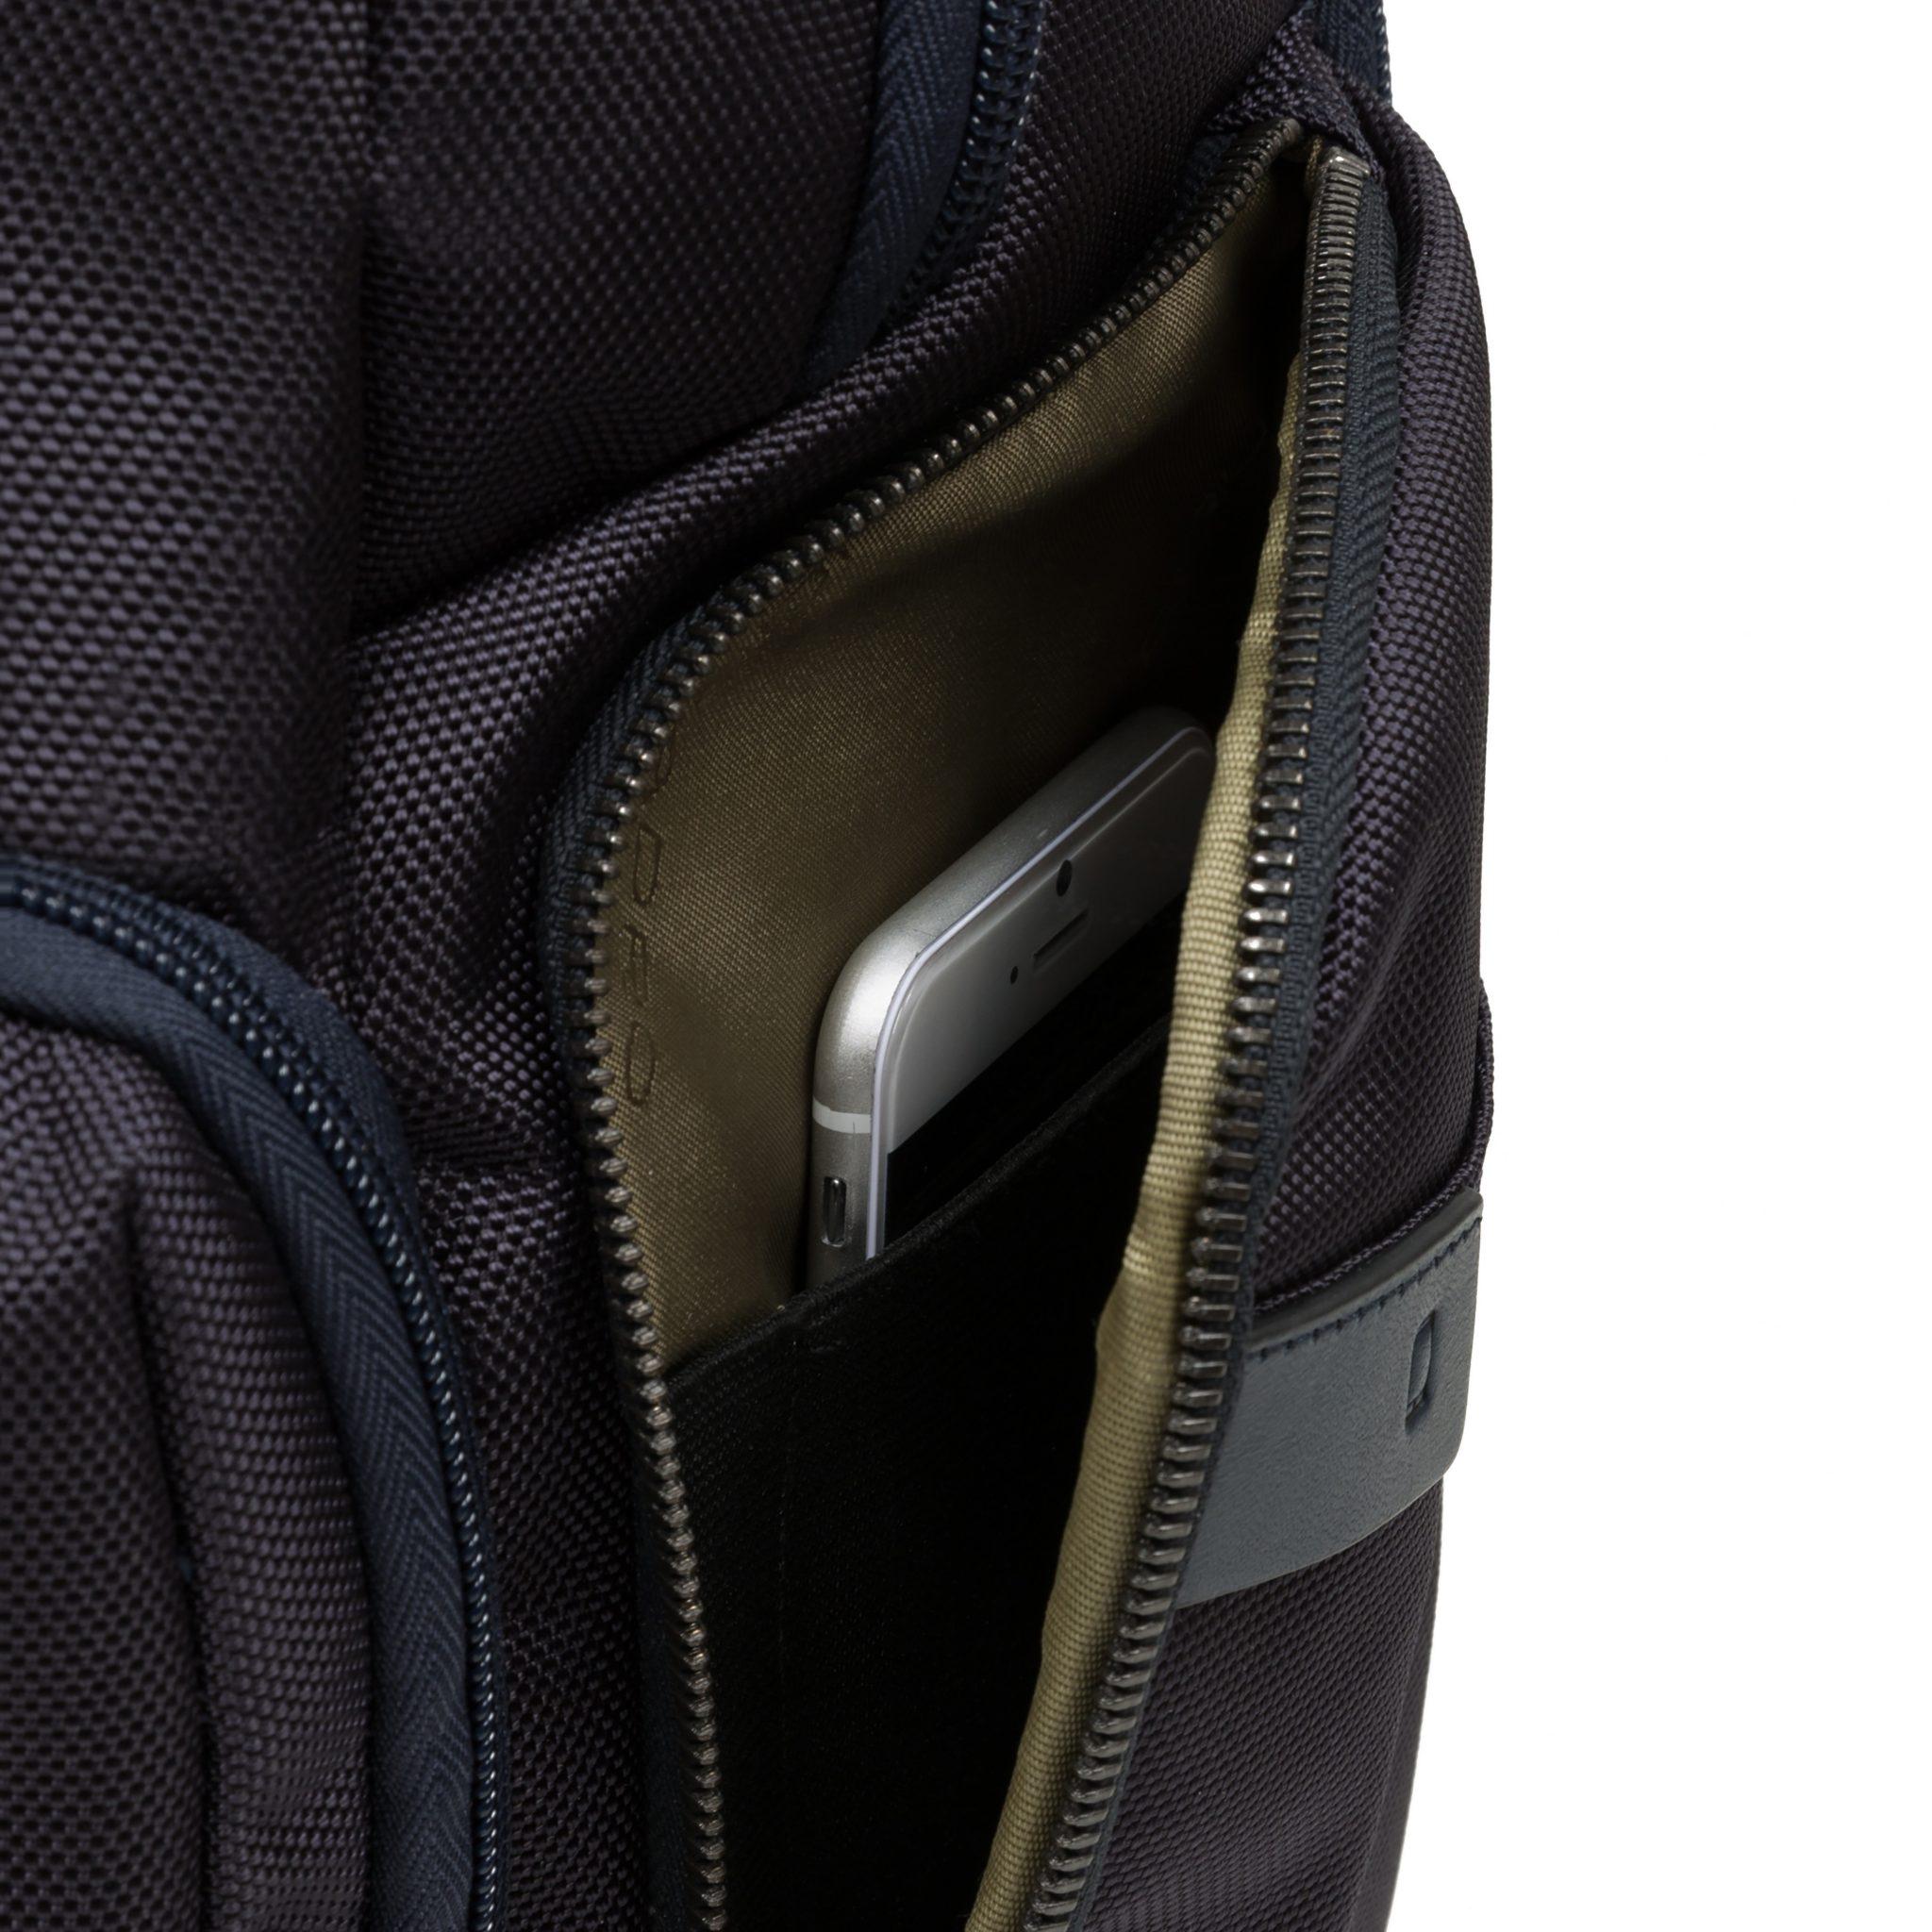 15d81b66494ee4 Zaino fast-check porta PC/iPad®Air/Pro 9,7 - Antonella Moda